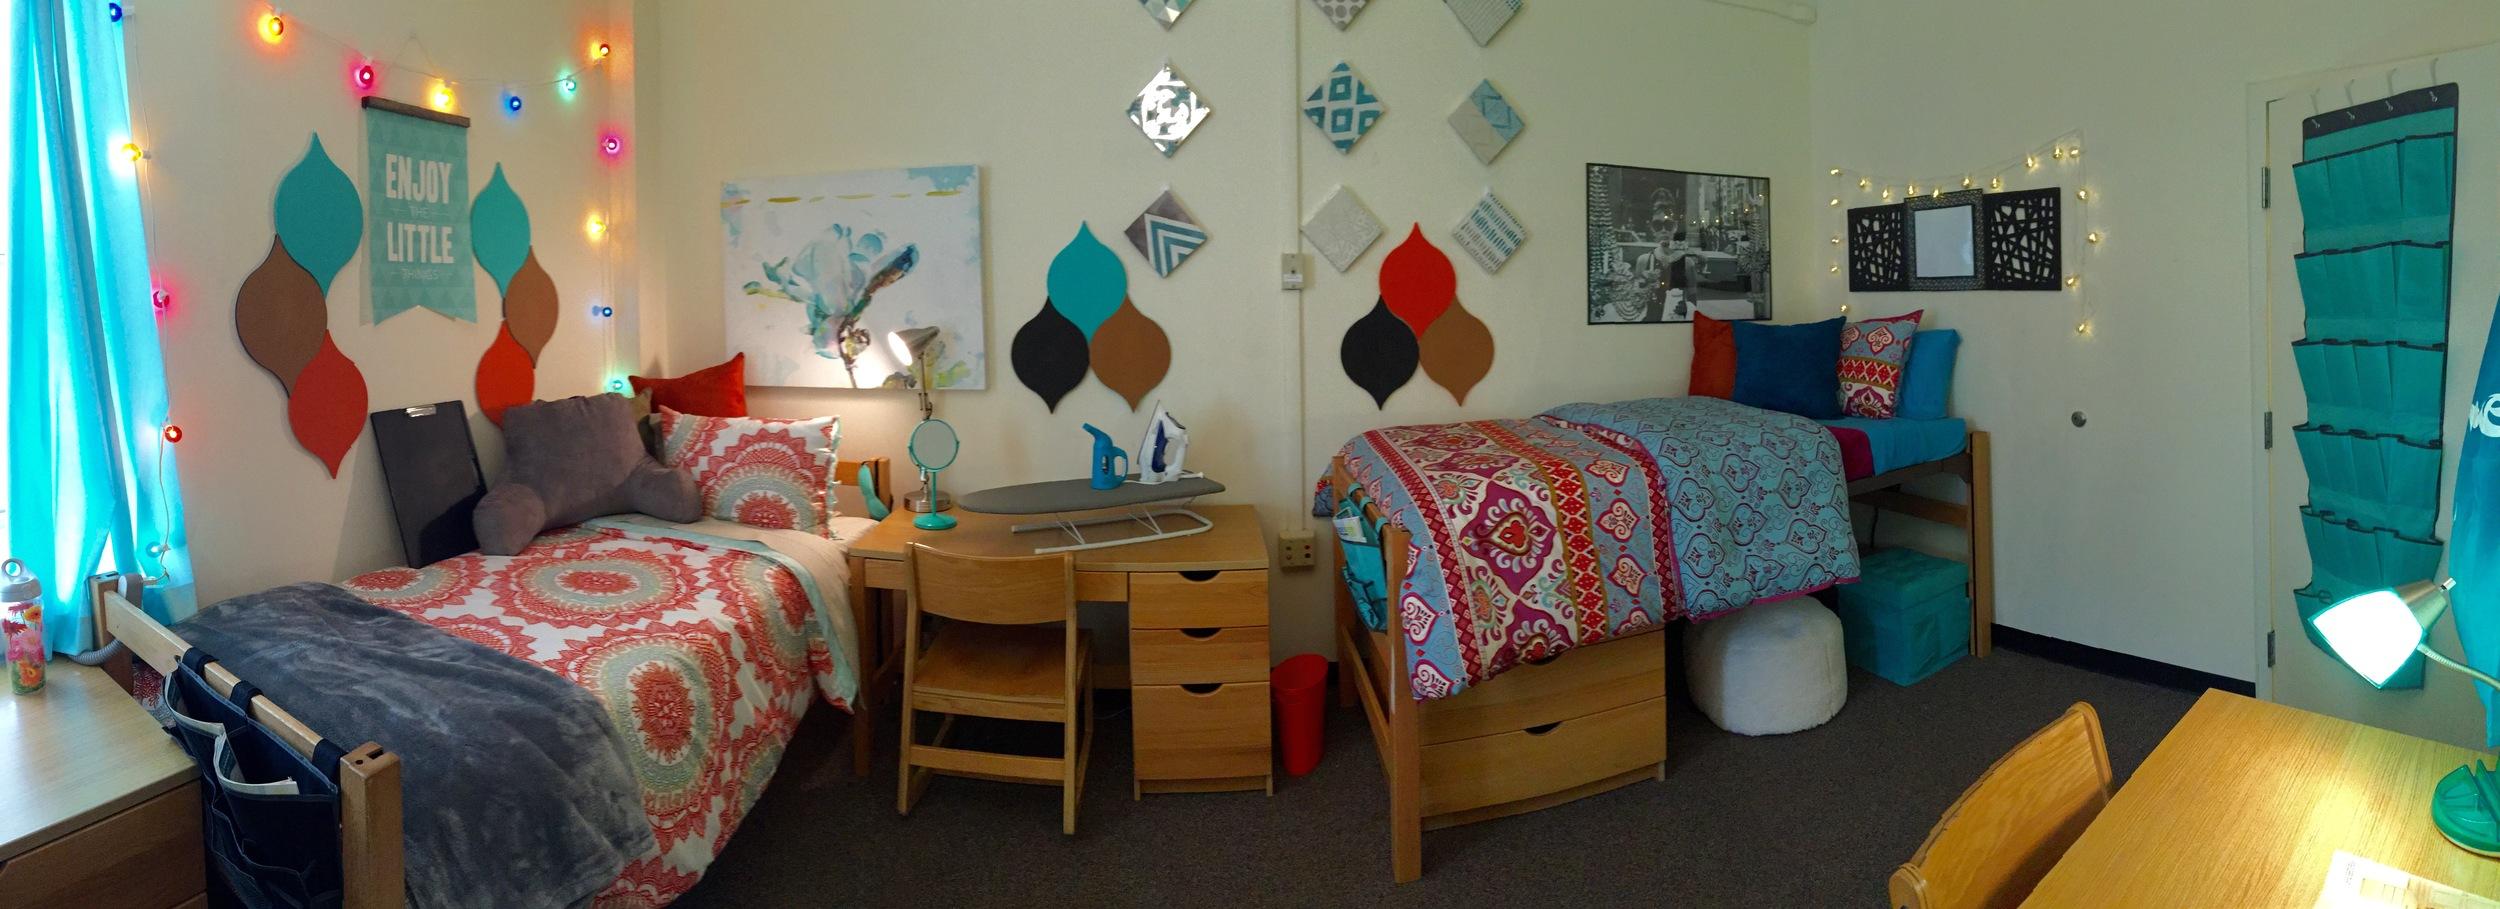 07-09-15 Belmont Dorm Room 2.jpg